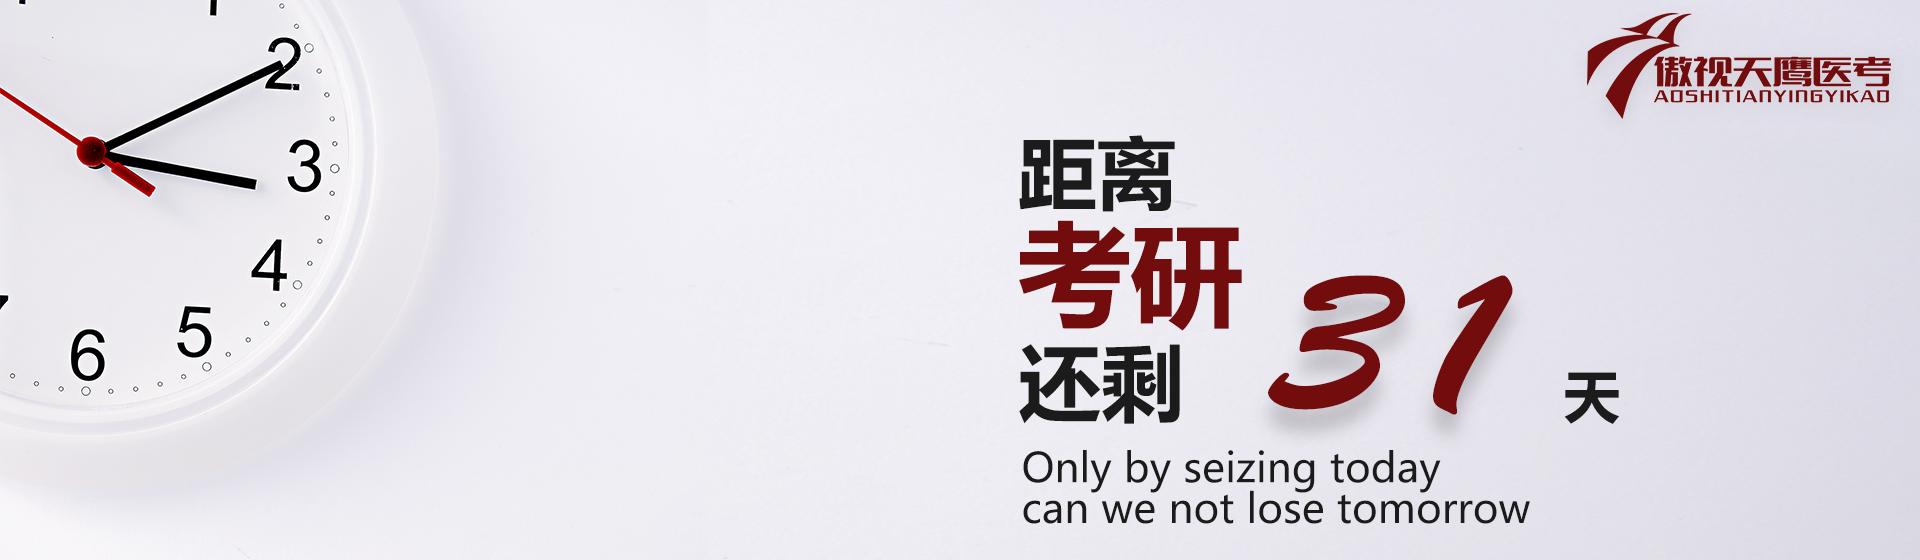 英语句子翻译练习 DAY 4